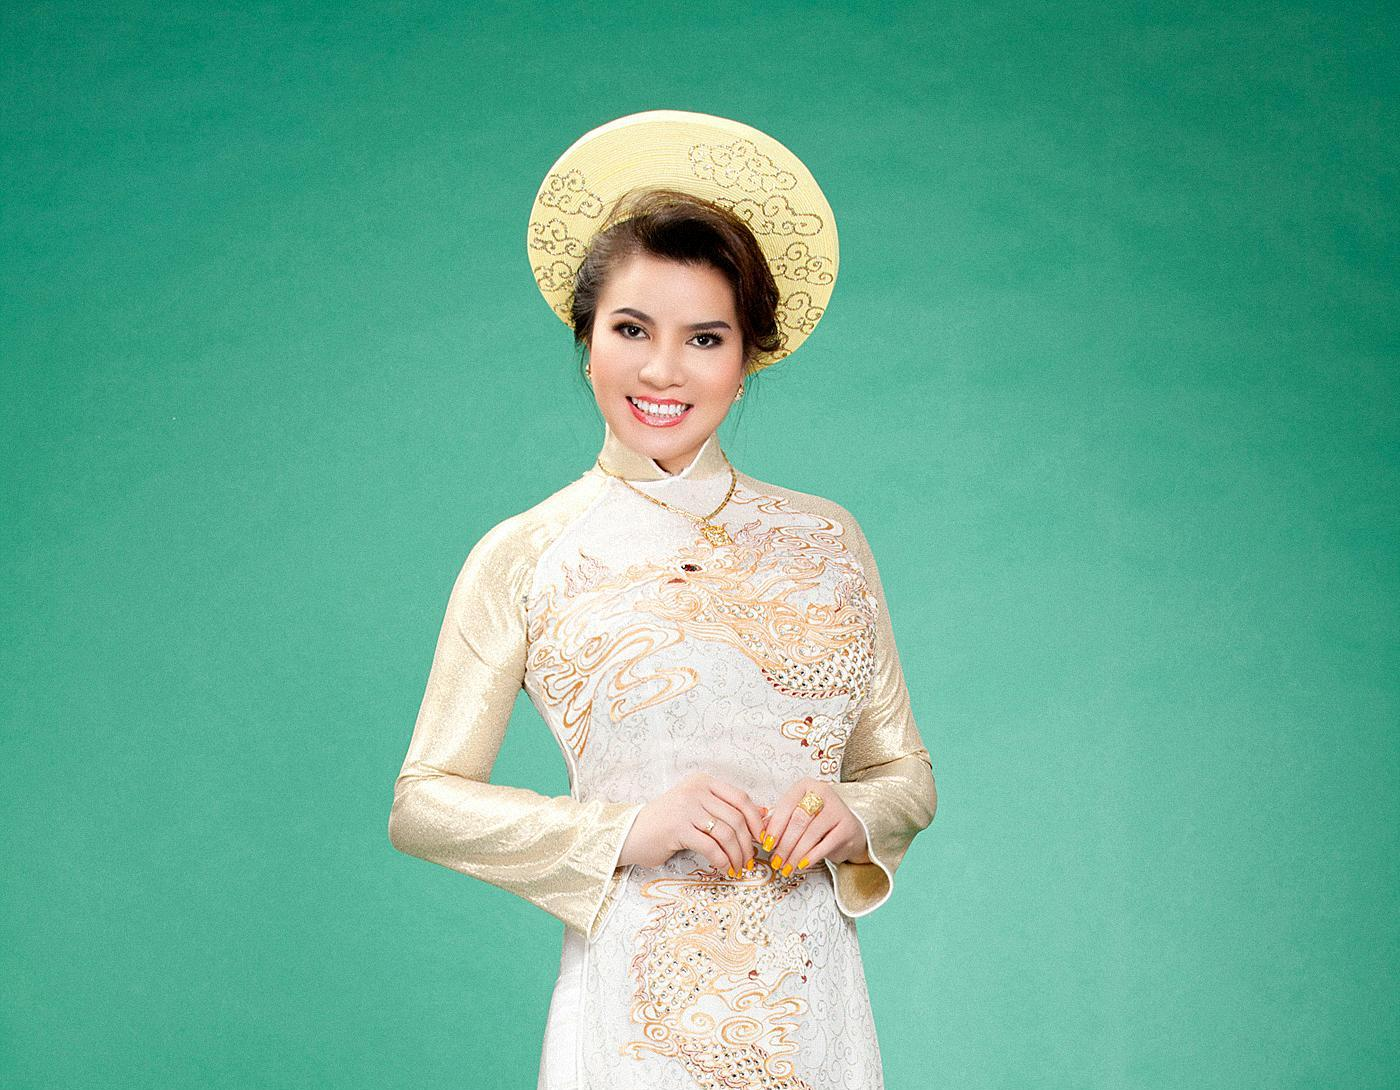 Bà Đoàn Thị Kim Hồng tham gia giám khảo cuộc thi Hoa hậu Quý bà Thế giới